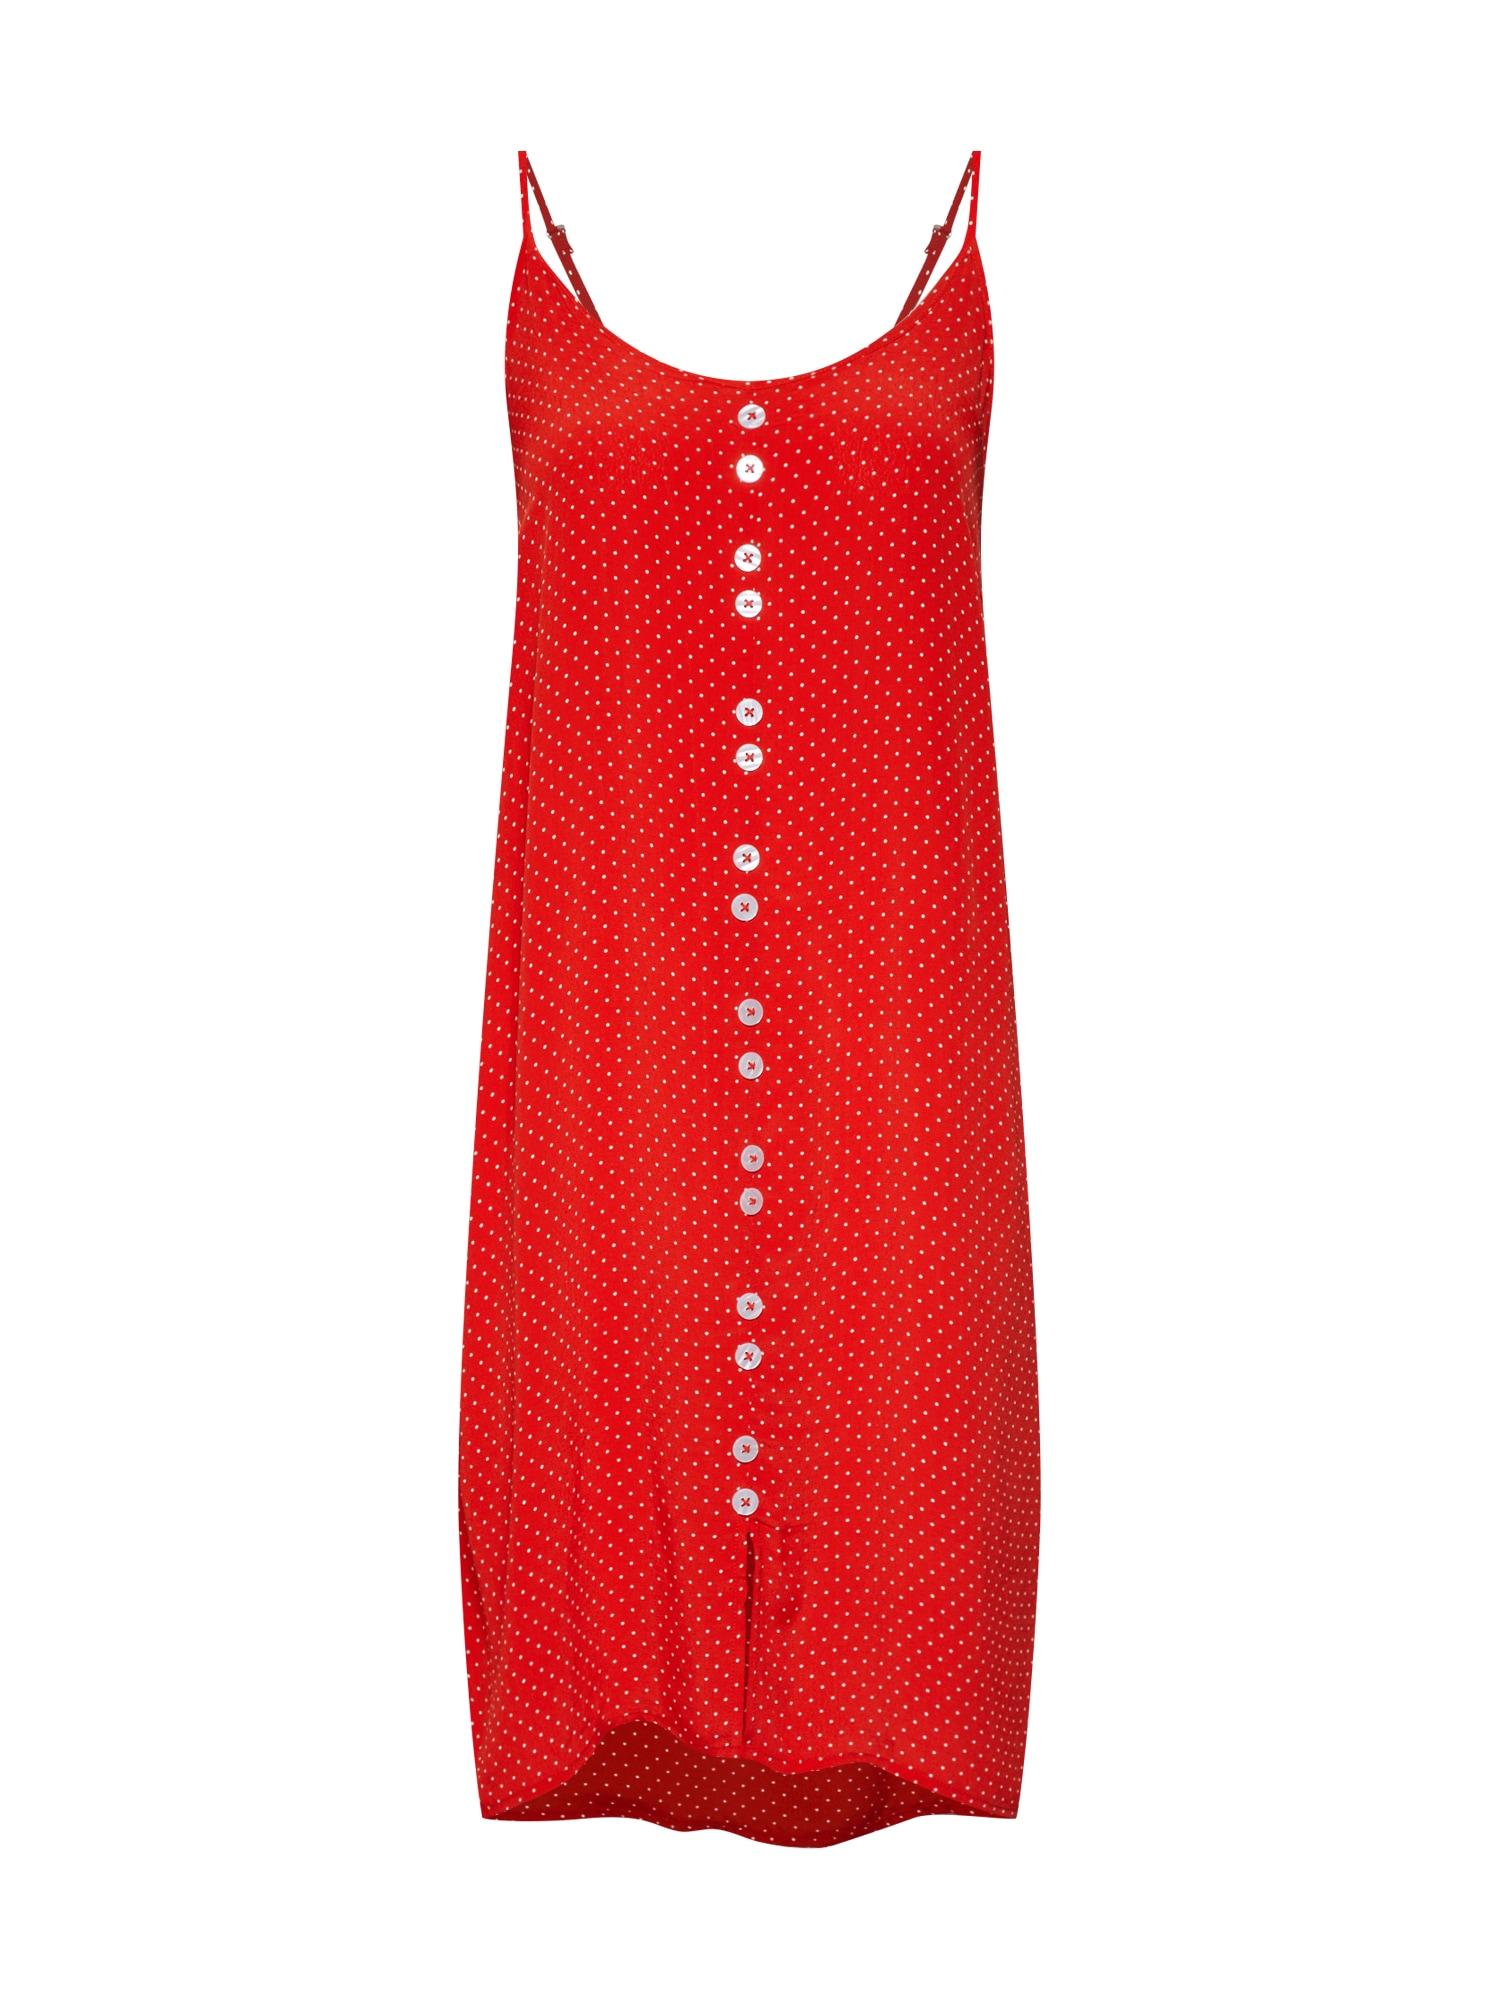 Letní šaty Lemon červená bílá OBJECT